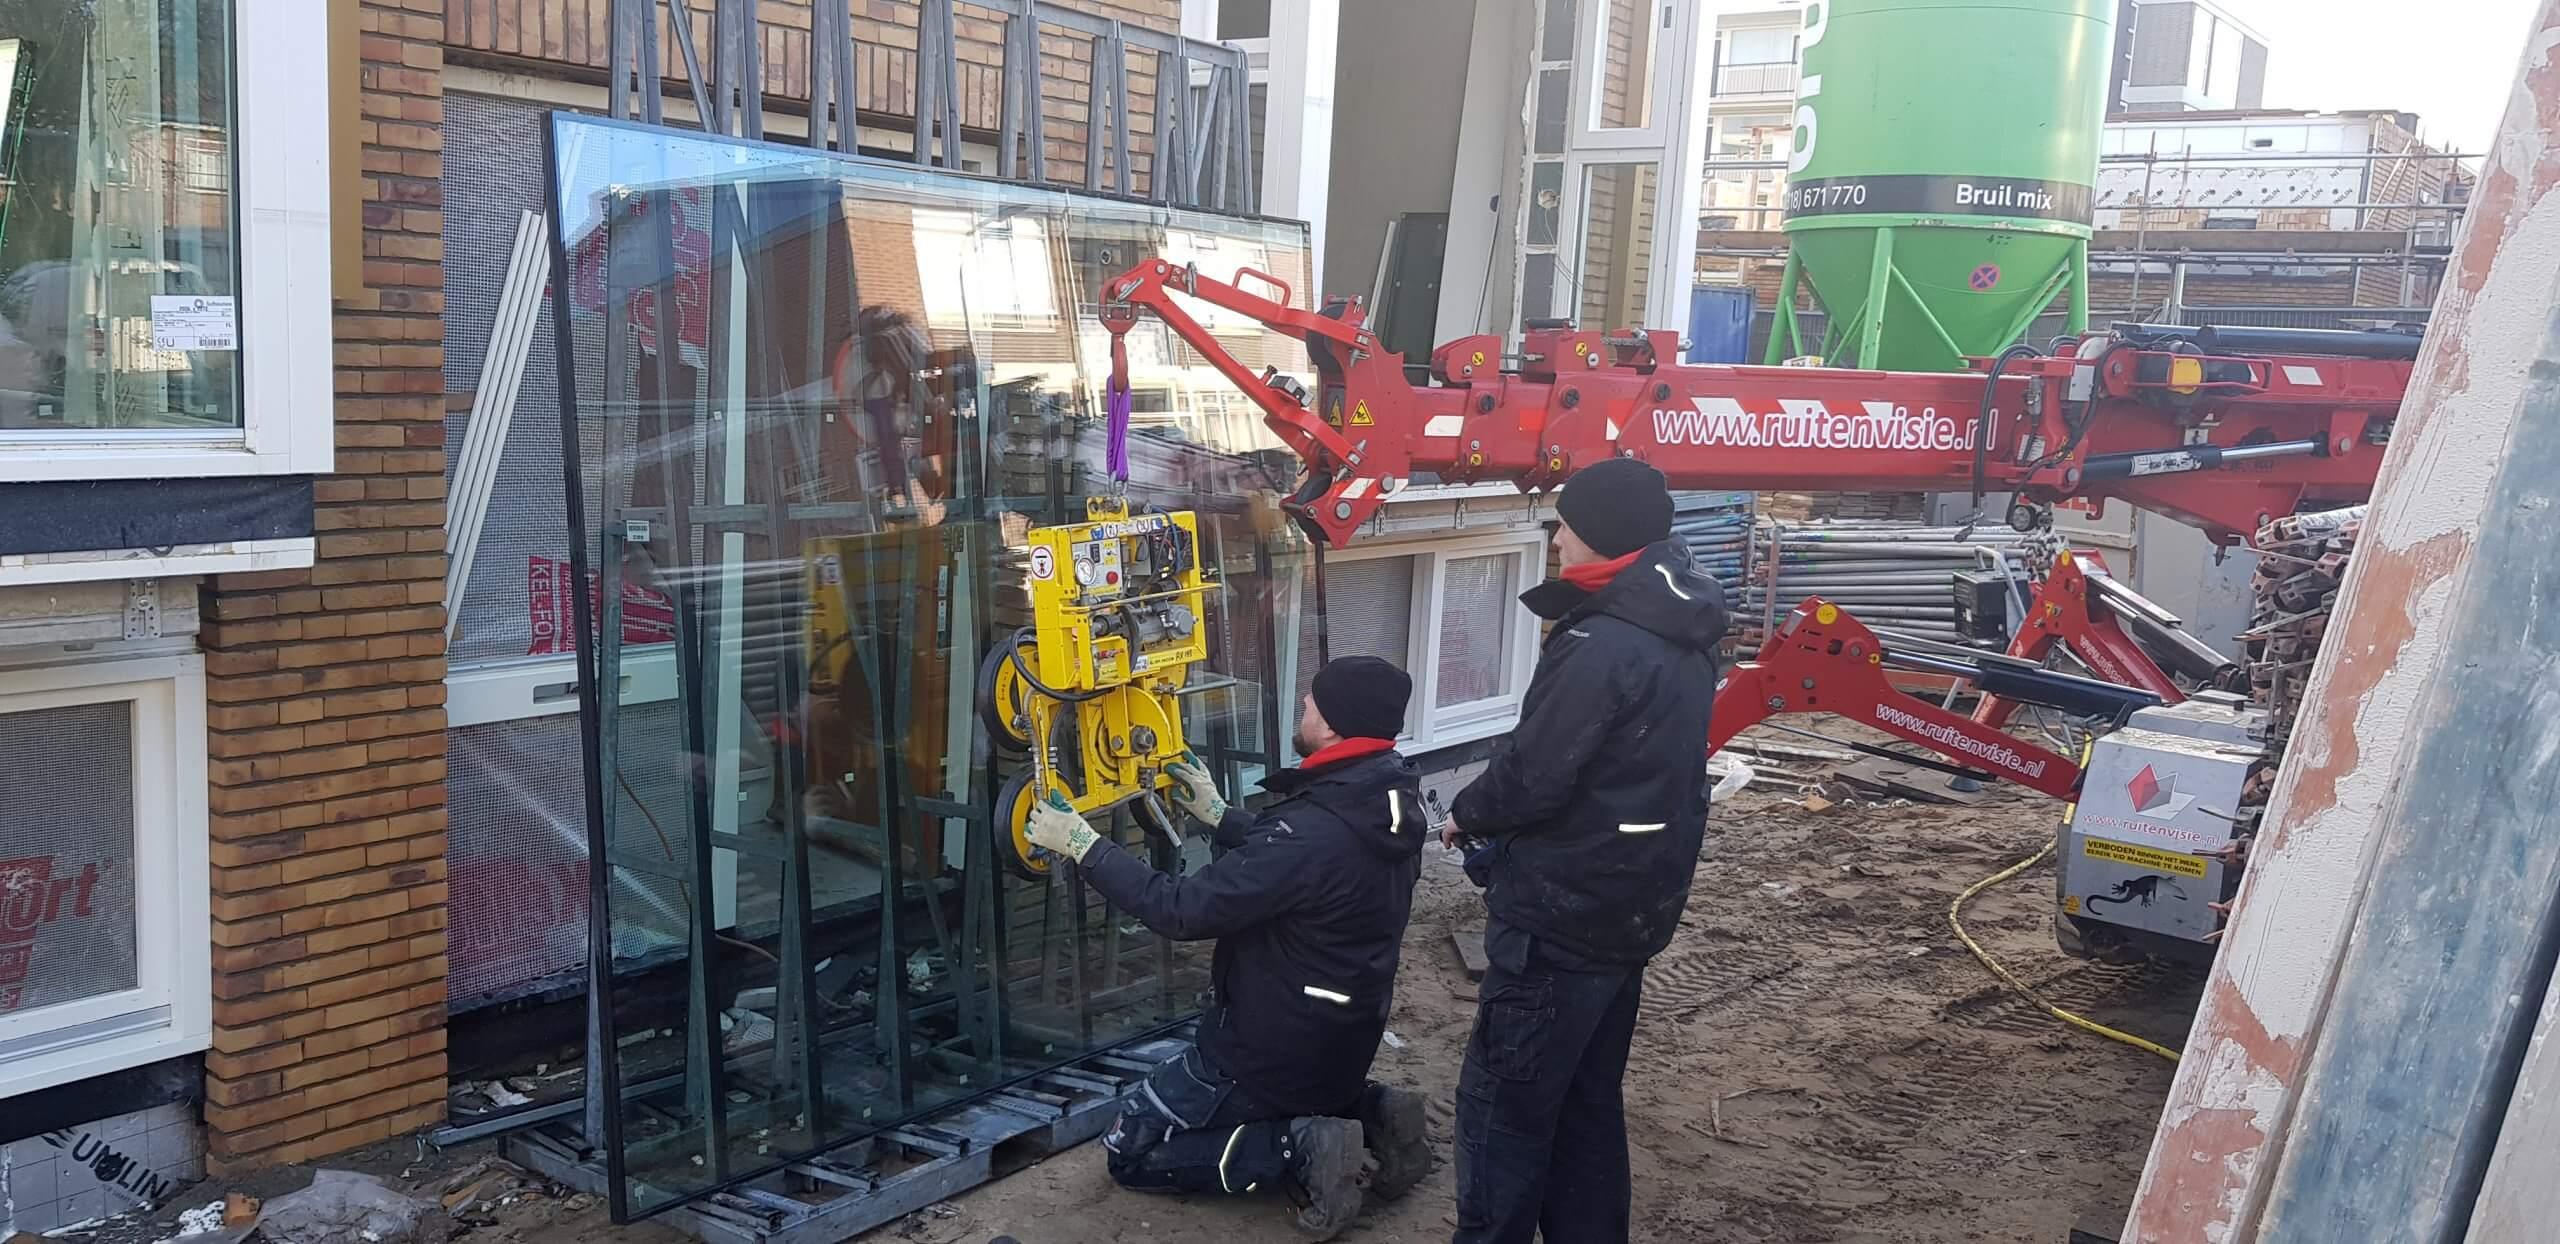 Vanaf 2021/2022 mogelijk weer een glasopleiding!